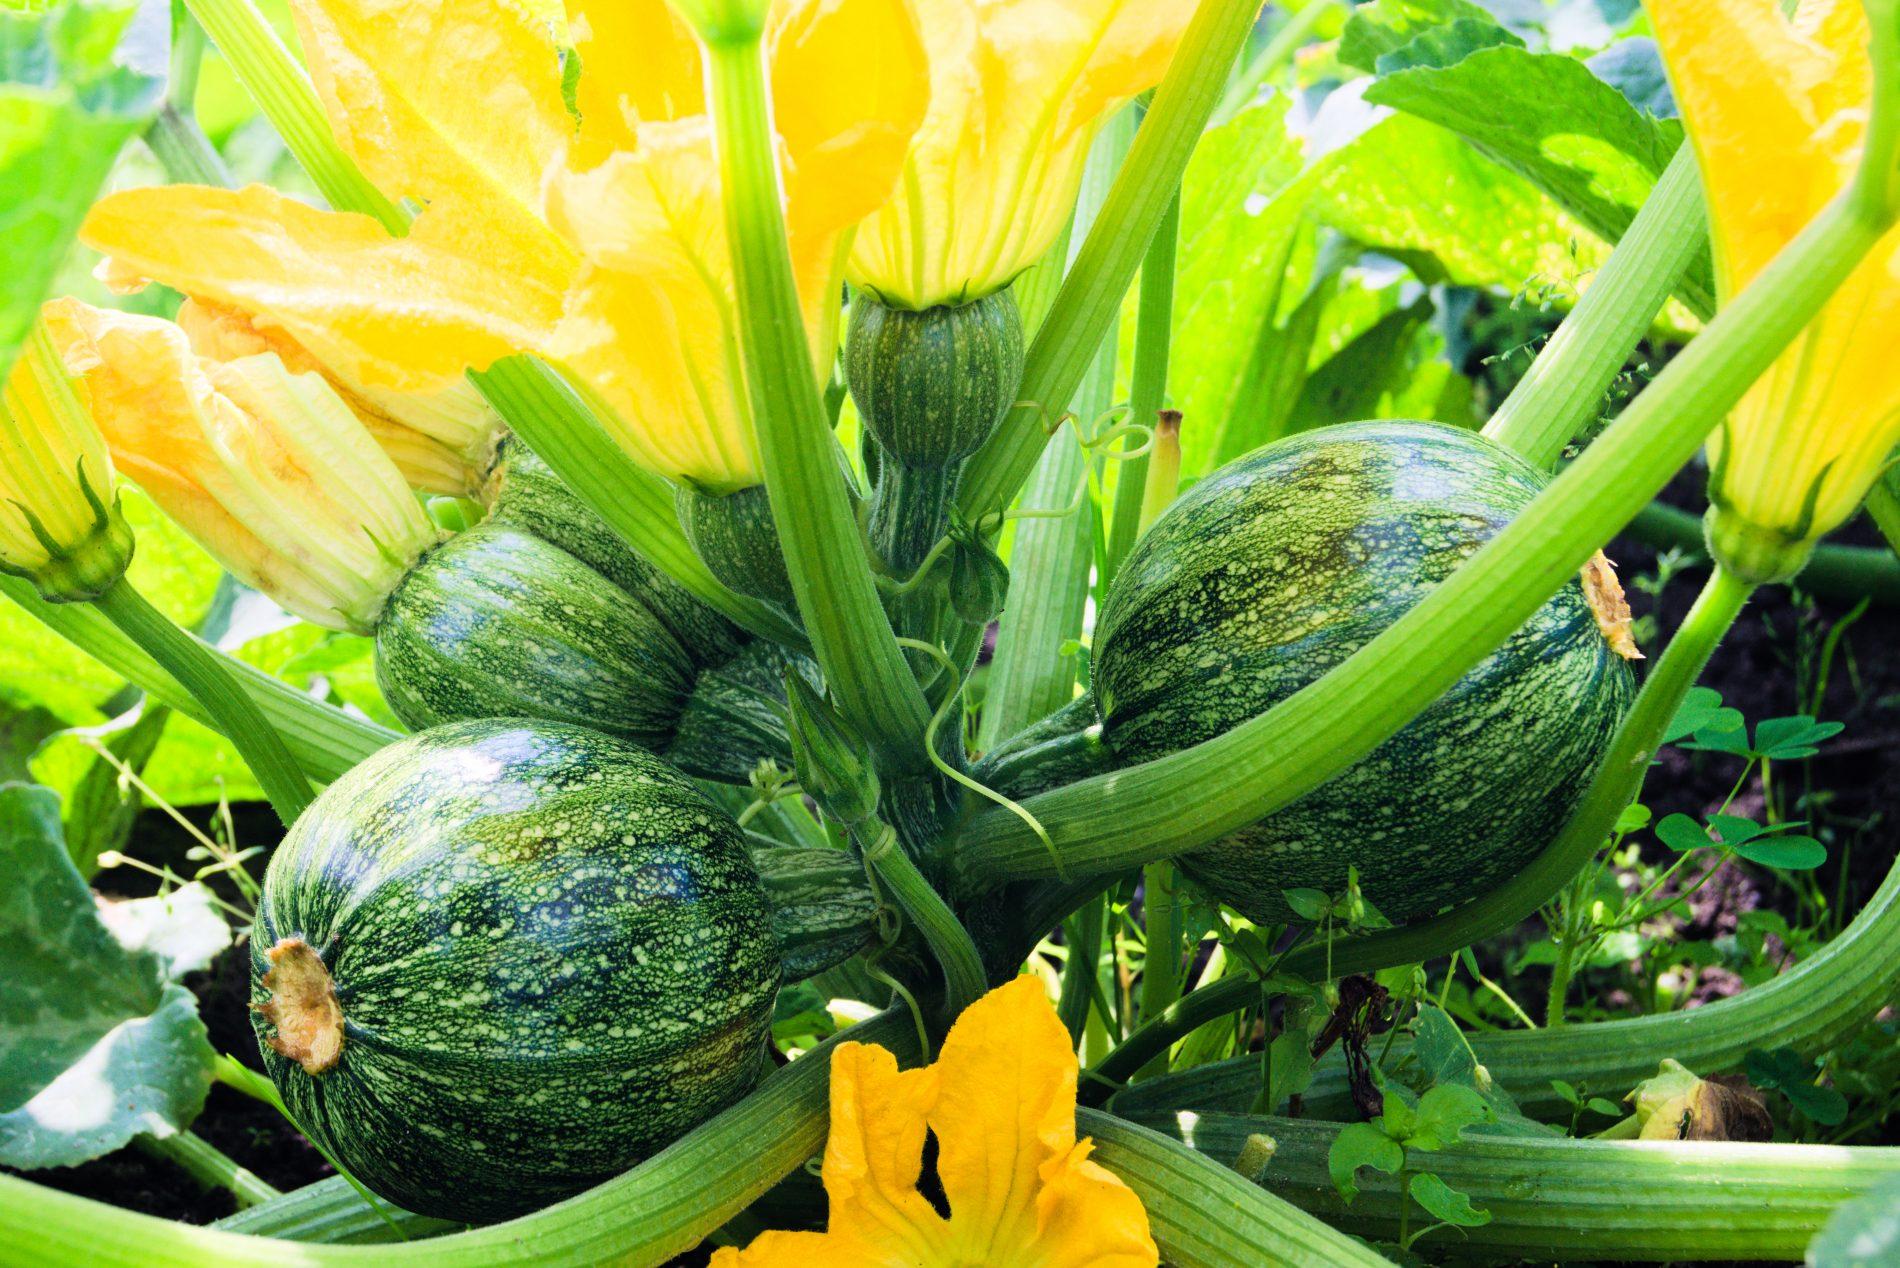 le varietà della zucchina